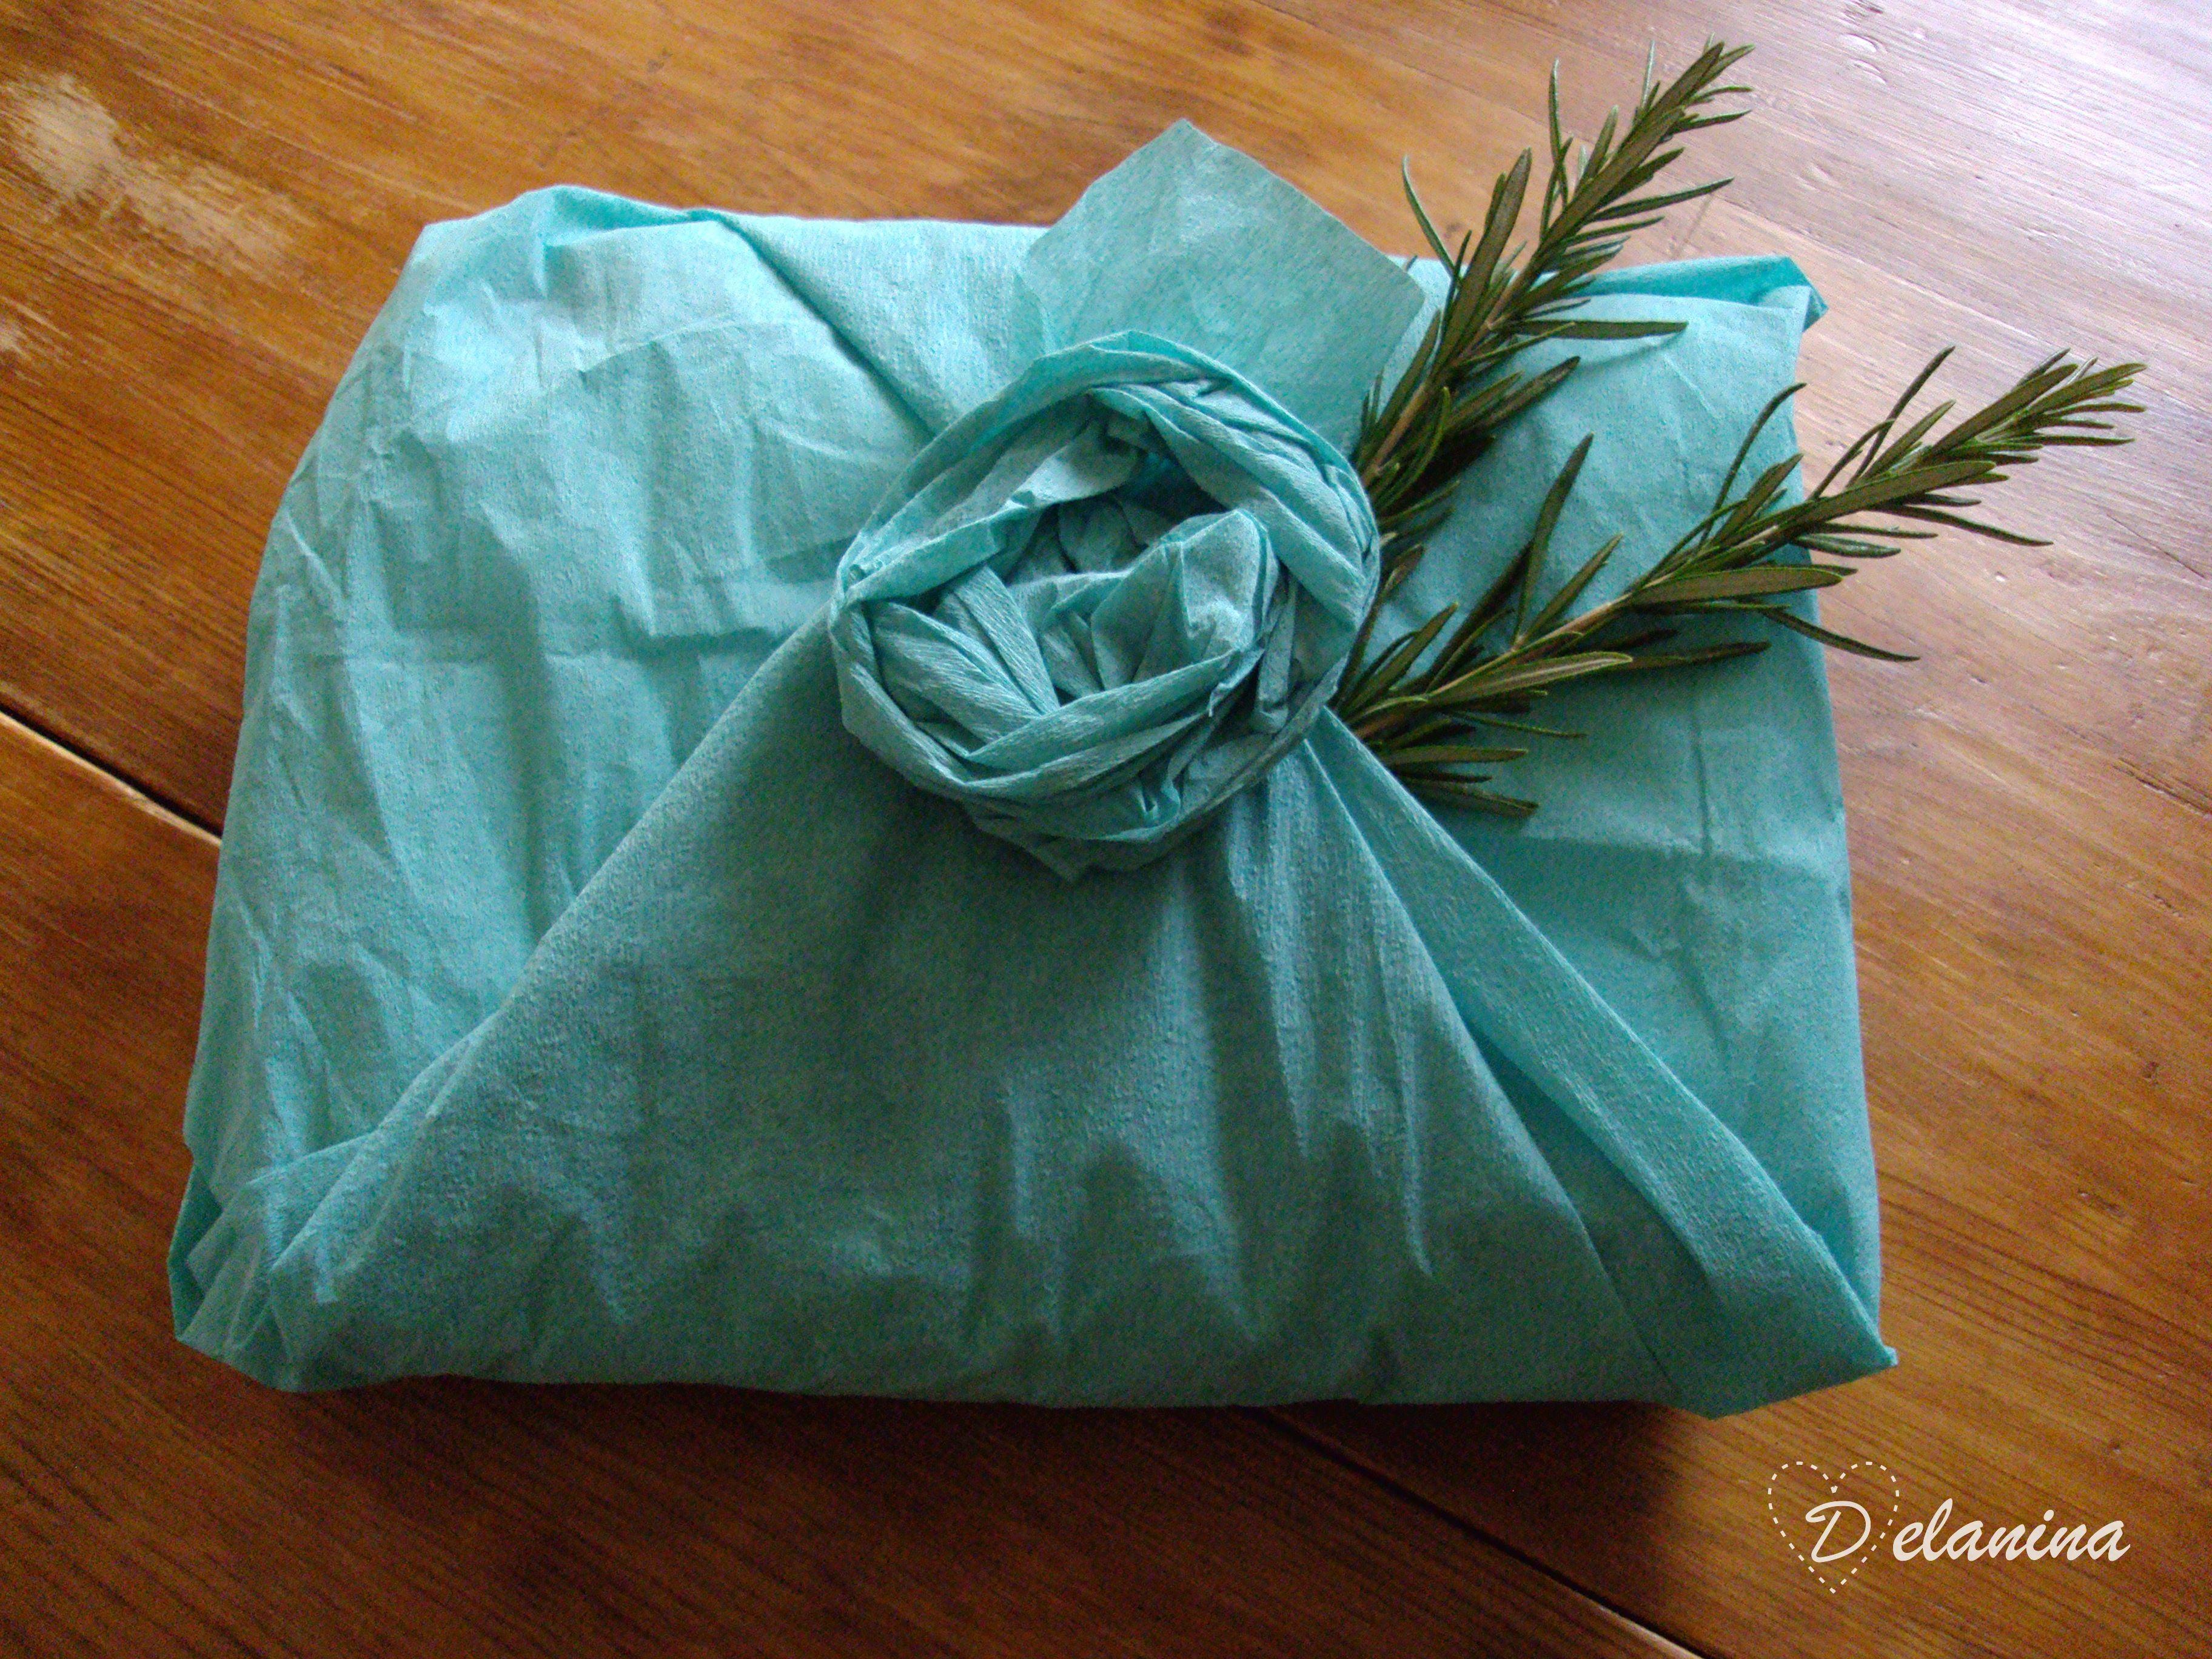 Empaquetado con papel pinocho azul turquesa y ramita de romero natural.